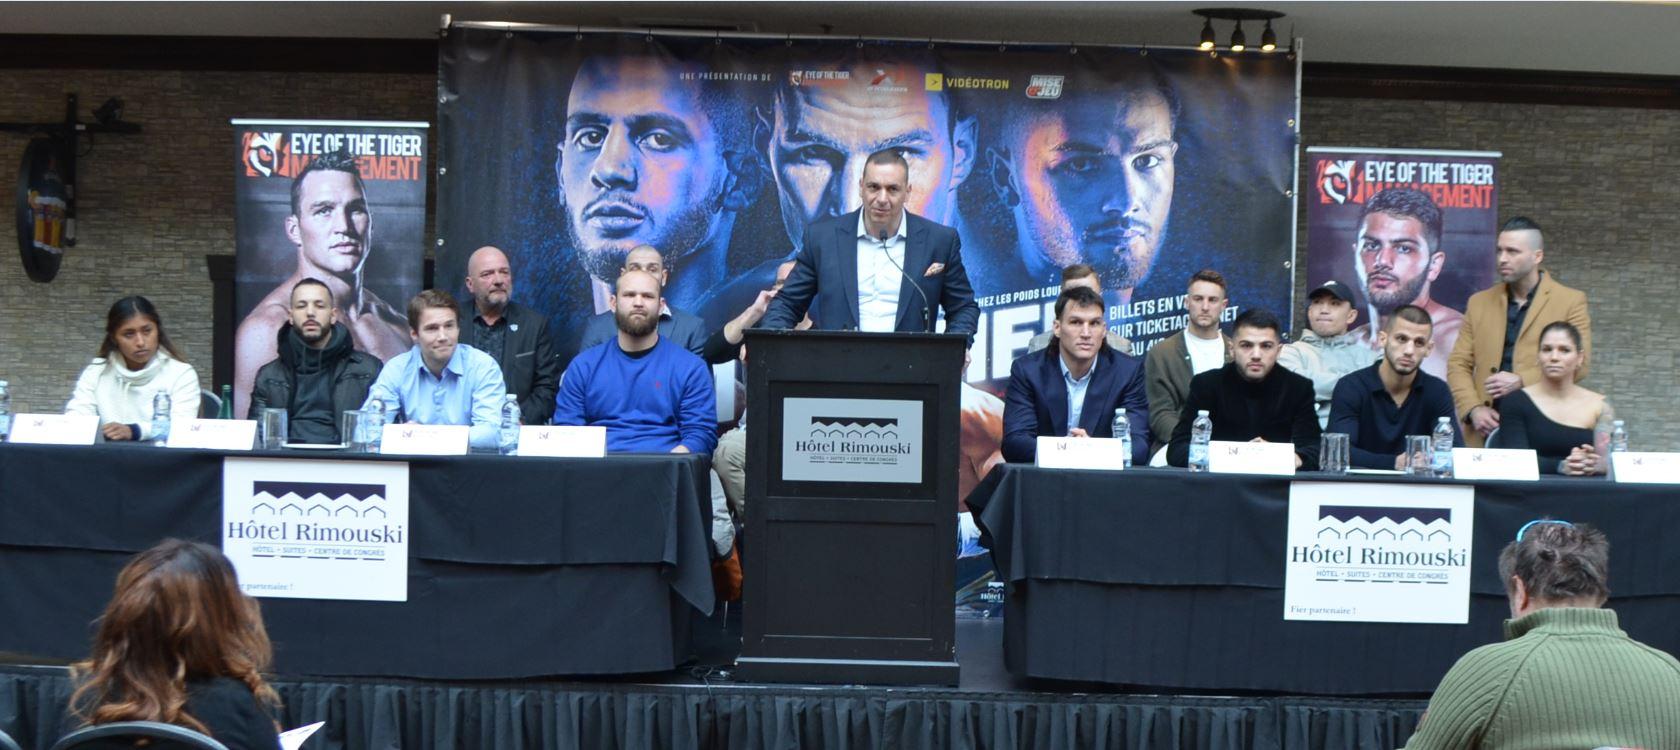 Présentation ce jeudi à l'Hôtel Rimouski, de l'ensemble des boxeurs qui prendront part à cet événement d'envergure.